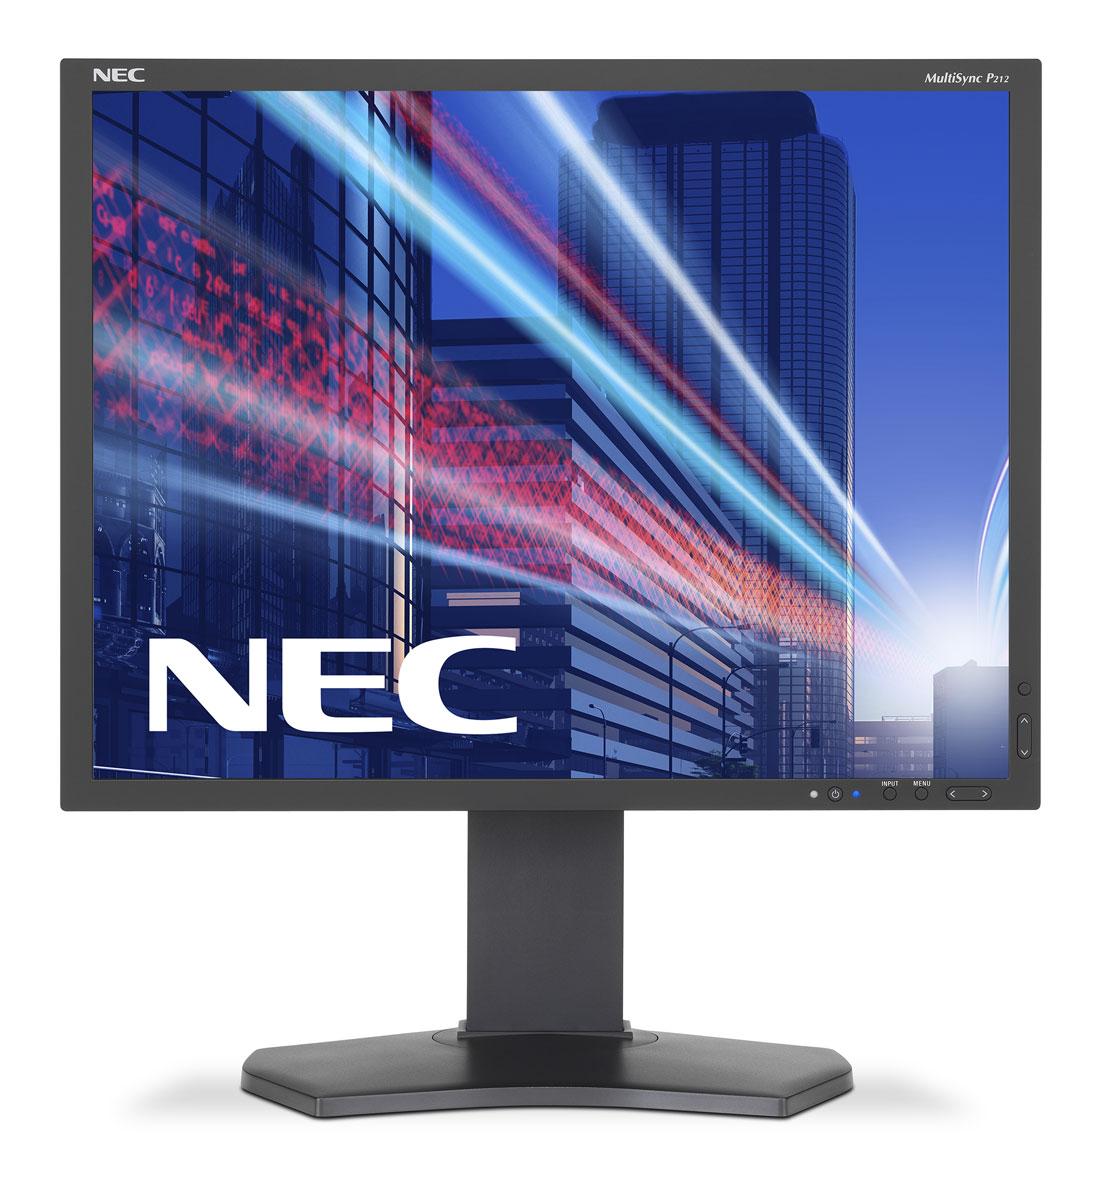 NEC P212-BK, Black монитор60003862Профессиональный настольный дисплей NEC P212 в IPS-исполнении предоставляет бескомпромиссное качество изображения, а также оказывает меньшее воздействие на окружающую среду на протяжении всего срока службы. Великолепное цветовое воспроизведение, лучшие в своем классе эргономические характеристики, встроенный счетчик уровня экономии выбросов углекислого газа, датчик внешнего освещения делают данный дисплей идеальным для творческих профессионалов. Идеальный дисплей для работы с САПР/АПП, для финансовой сферы, для работы в диспетчерских в режиме 24/7 и в области точного машиностроения, а также для промышленных приложений (например, NTD) и для всех тех, кто ценит качество визуальной работы. Бескомпромиссное качество изображения – полное управление цветом благодаря IPS, функции Digital Uniformity Control, 14-битной таблице пересчета цветов с возможностью аппаратной калибровки, исполнению SpectraView Engine и управлению калибровкой SpectraView II. ...